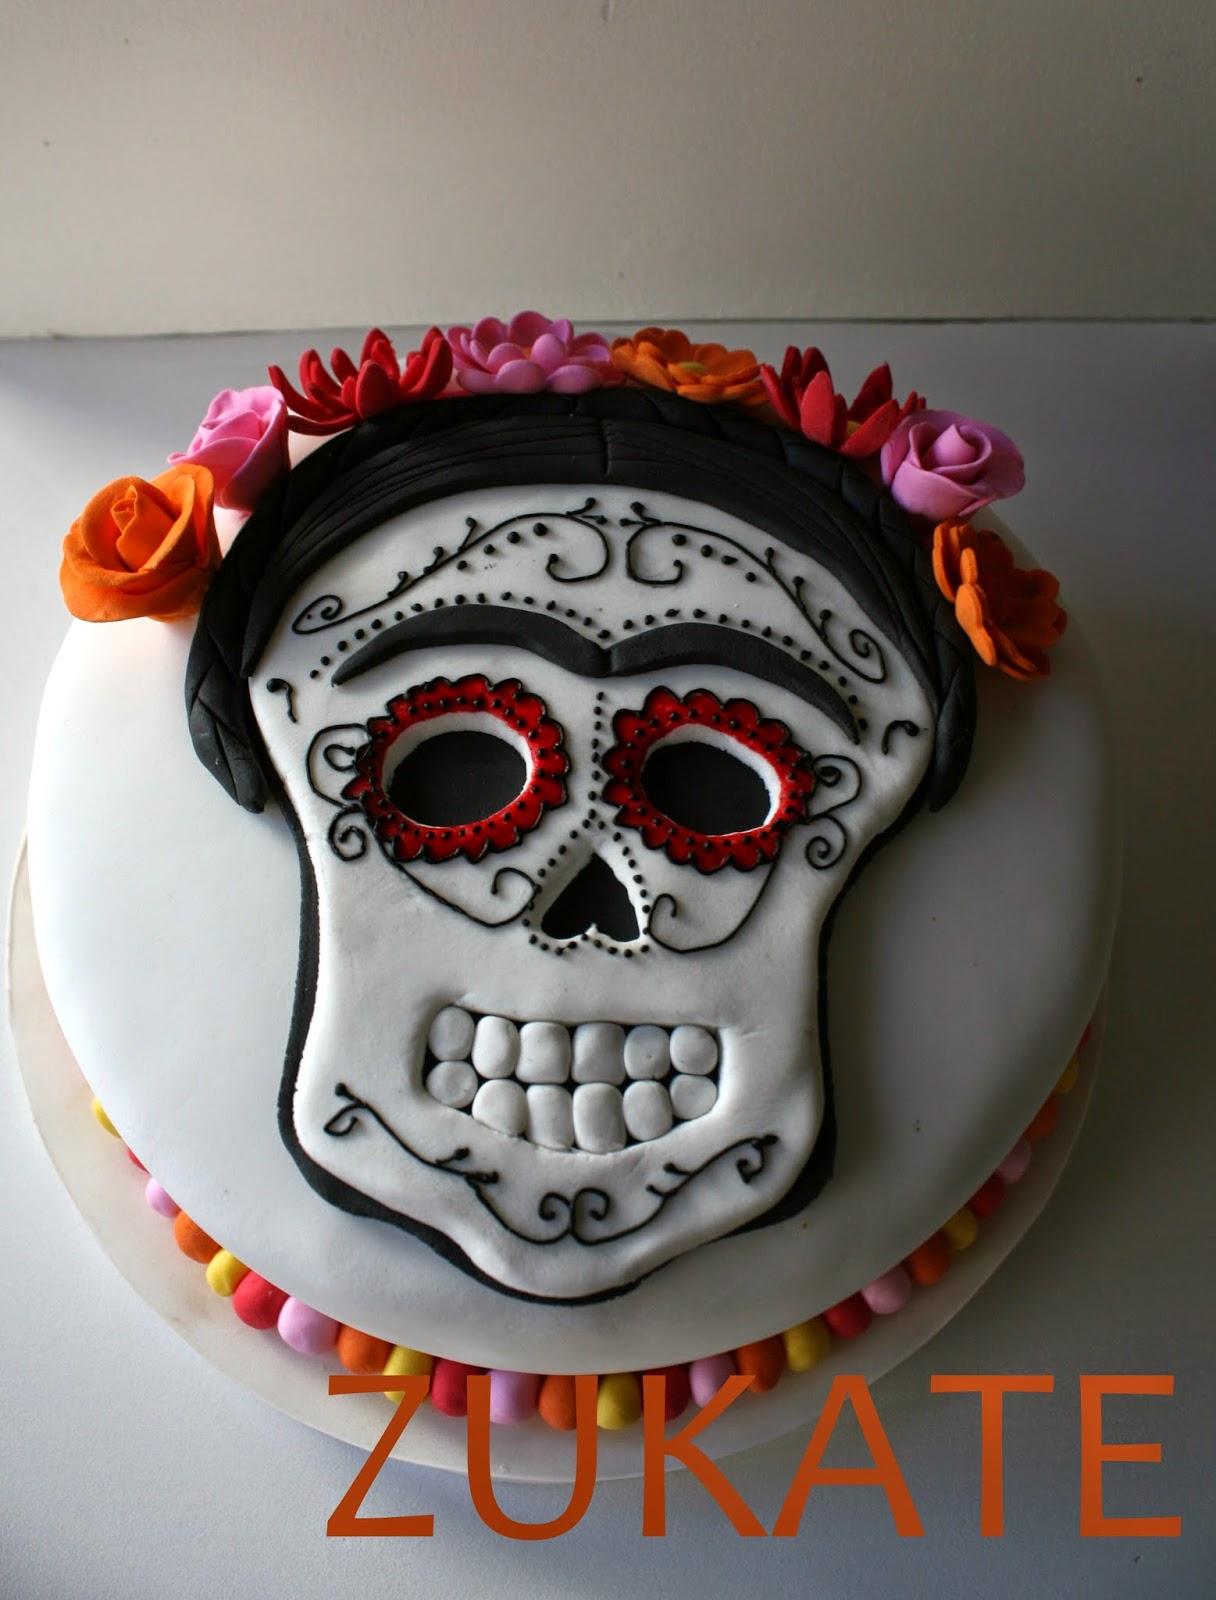 Torta De Frida Kahlo Para Paula Zukate